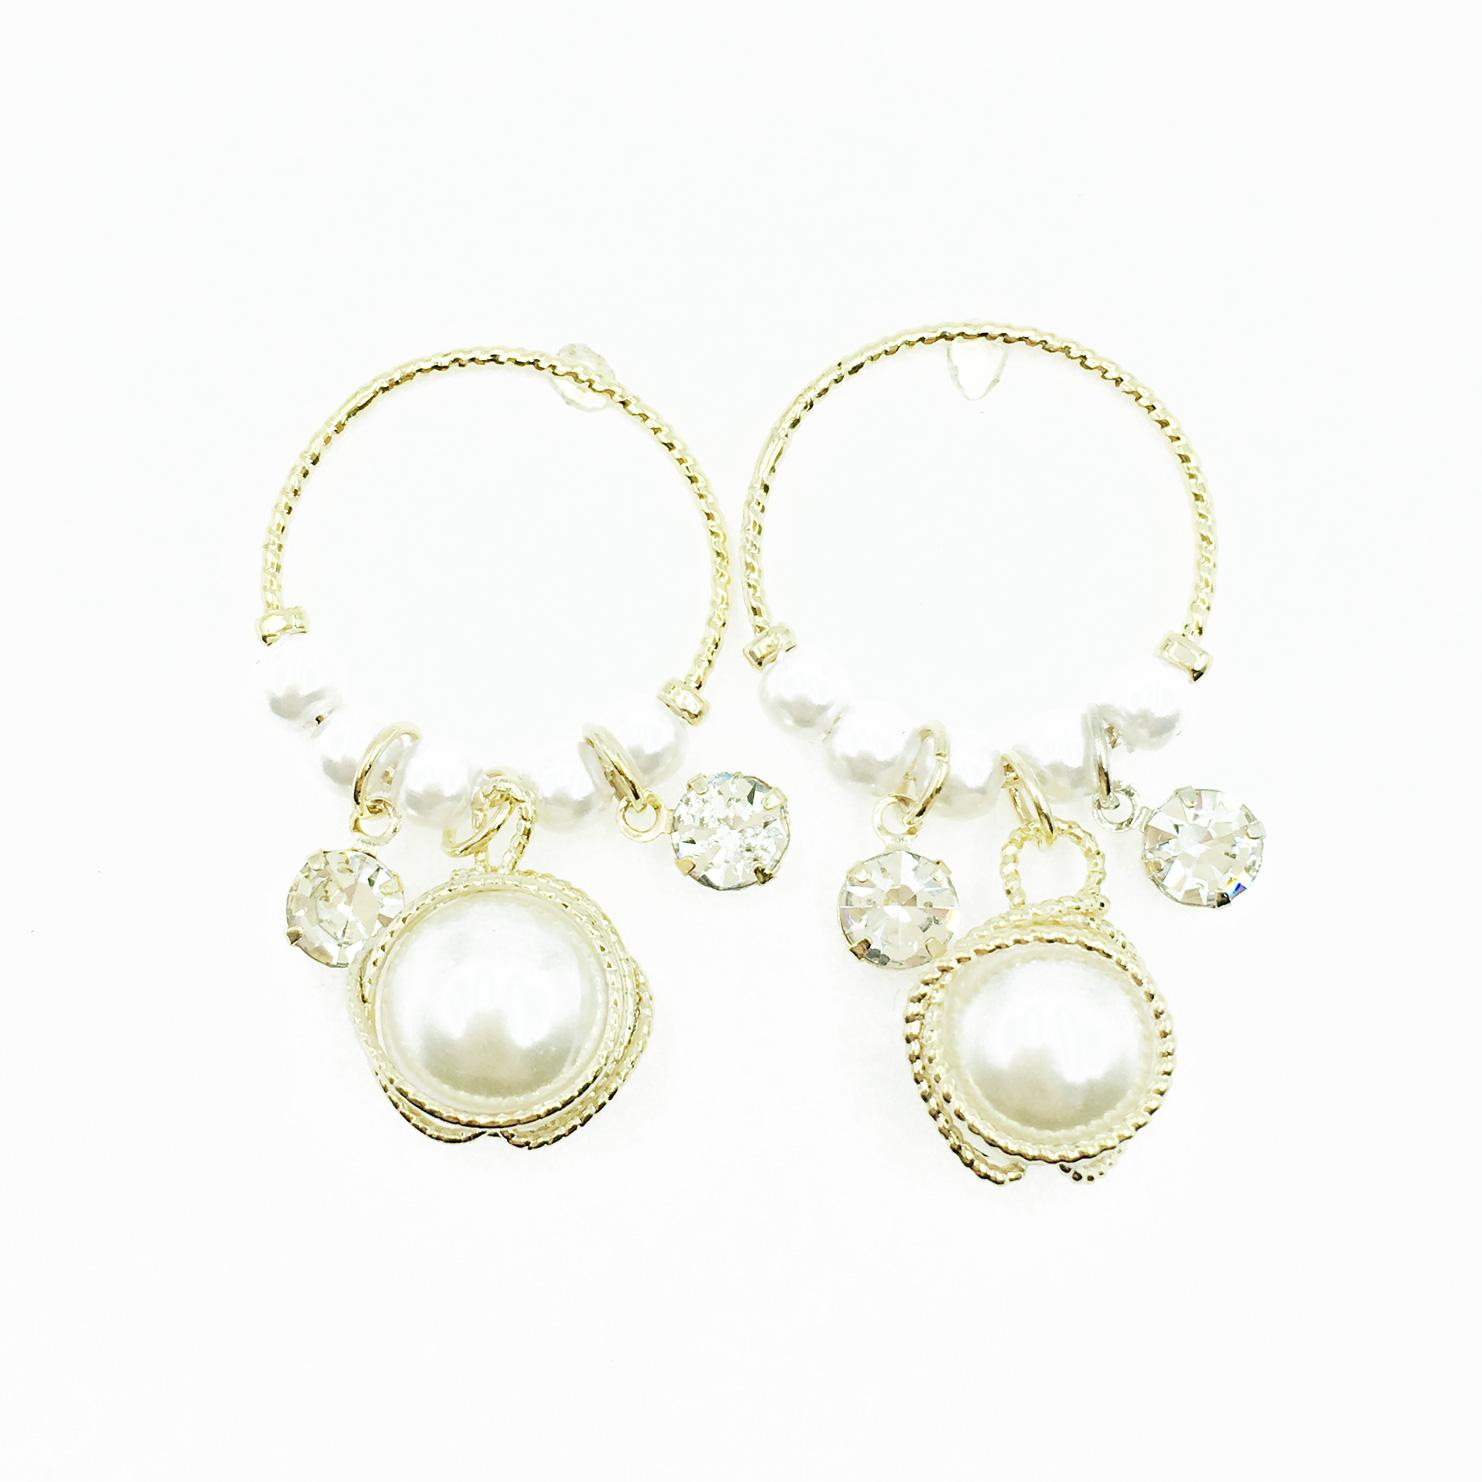 韓國 925純銀 簍空圓 金線圈 水鑽 珍珠 垂墜感 耳針式耳環